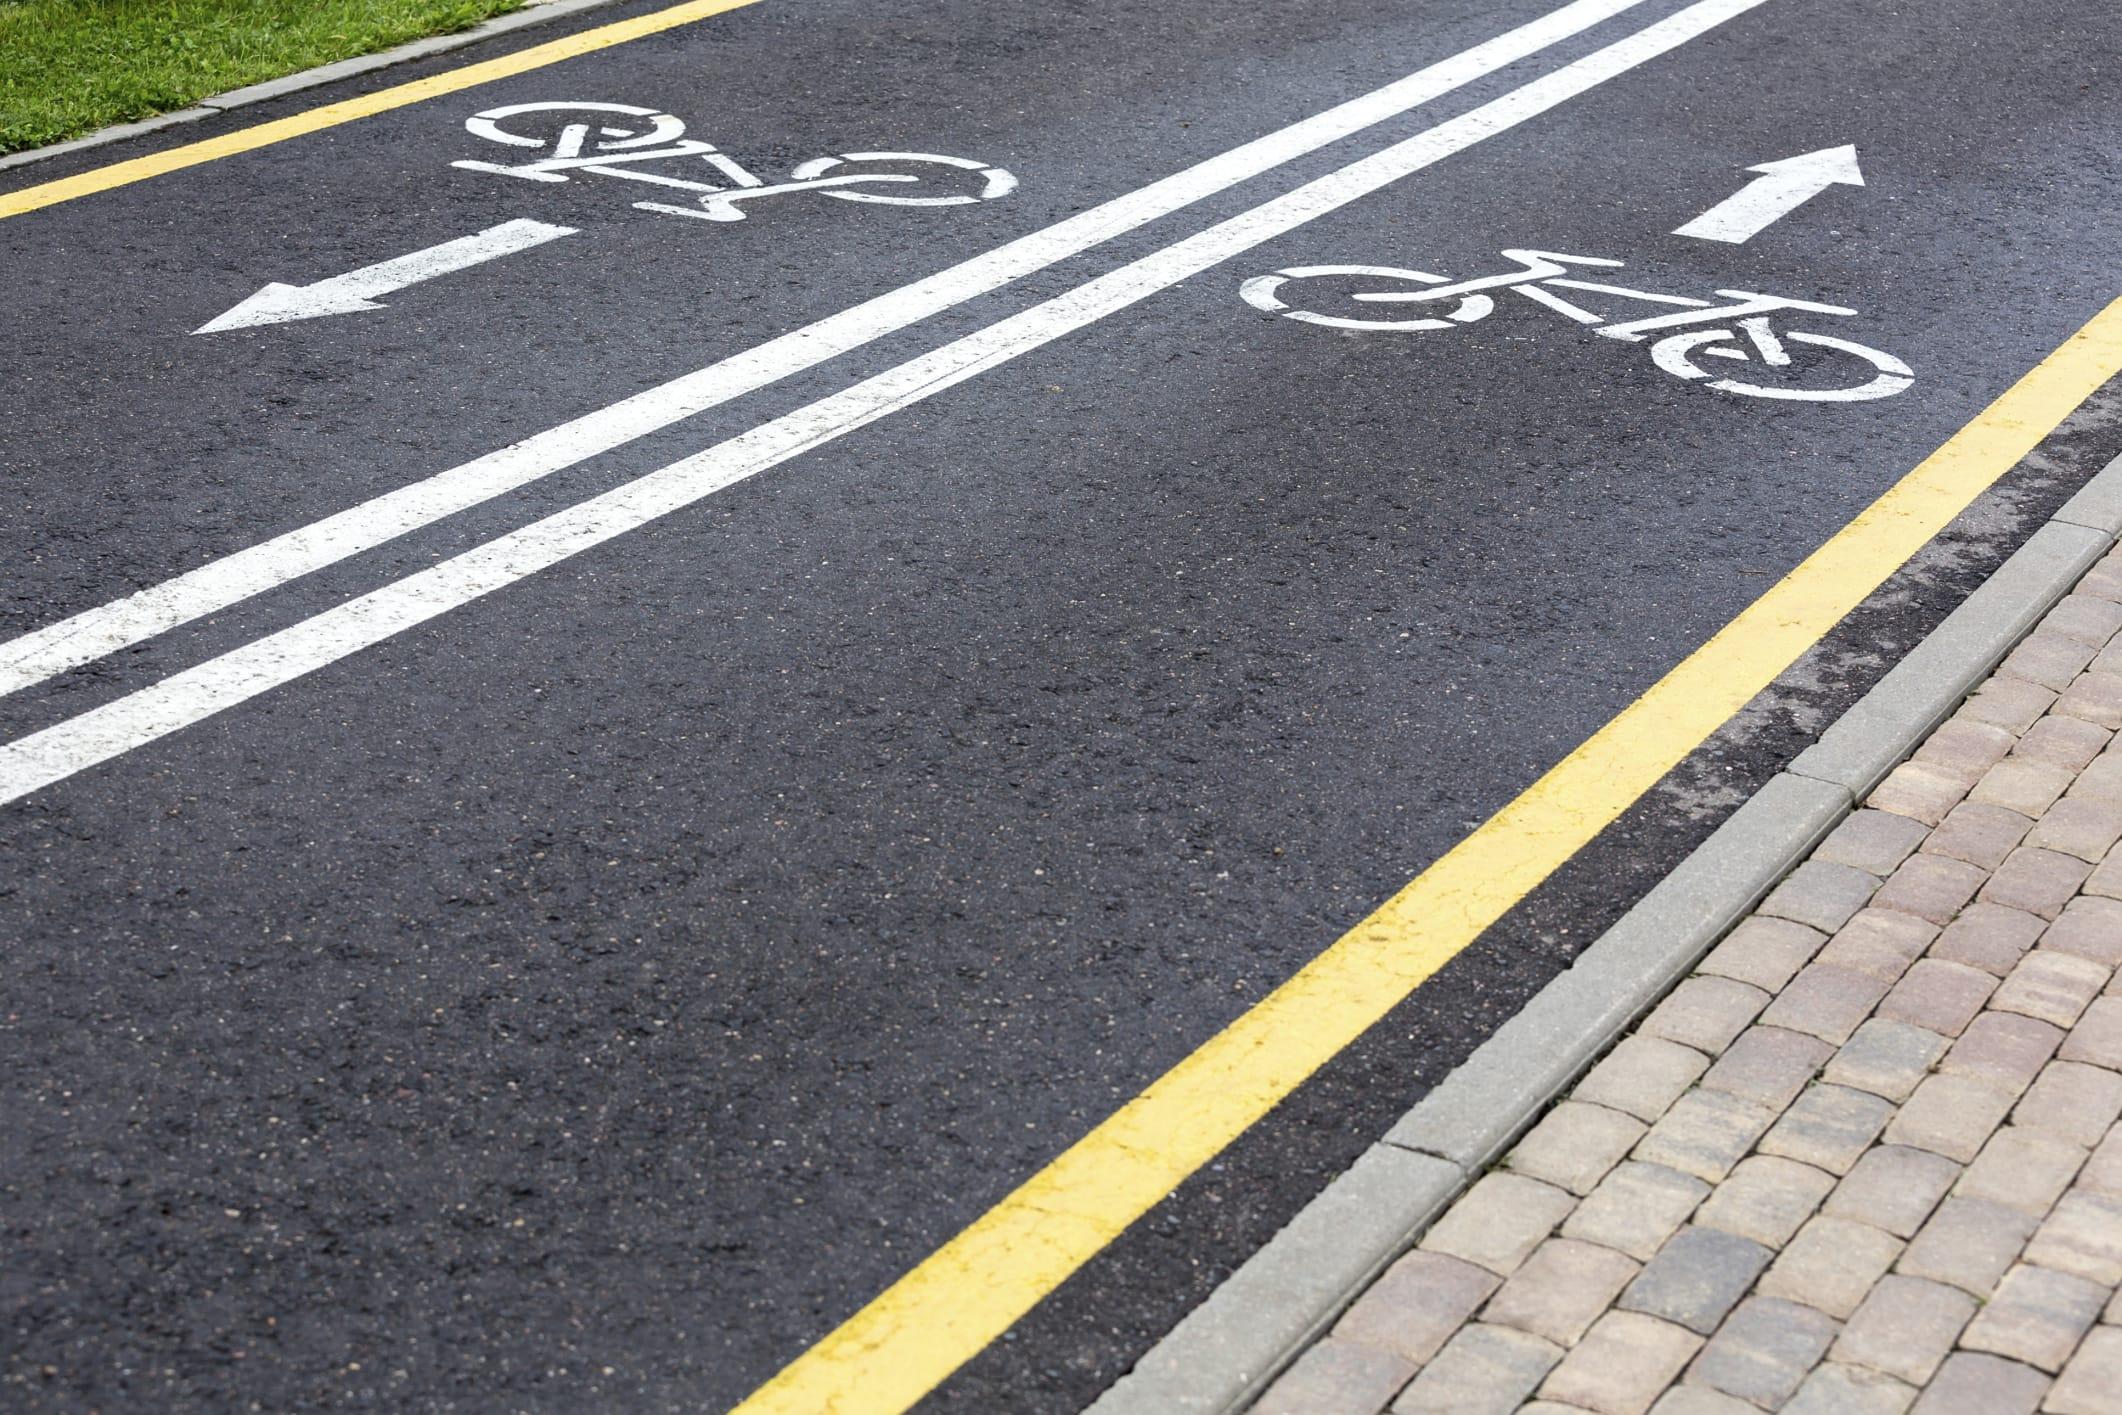 Progetto Vento: la pista ciclabile da Torino a Venezia